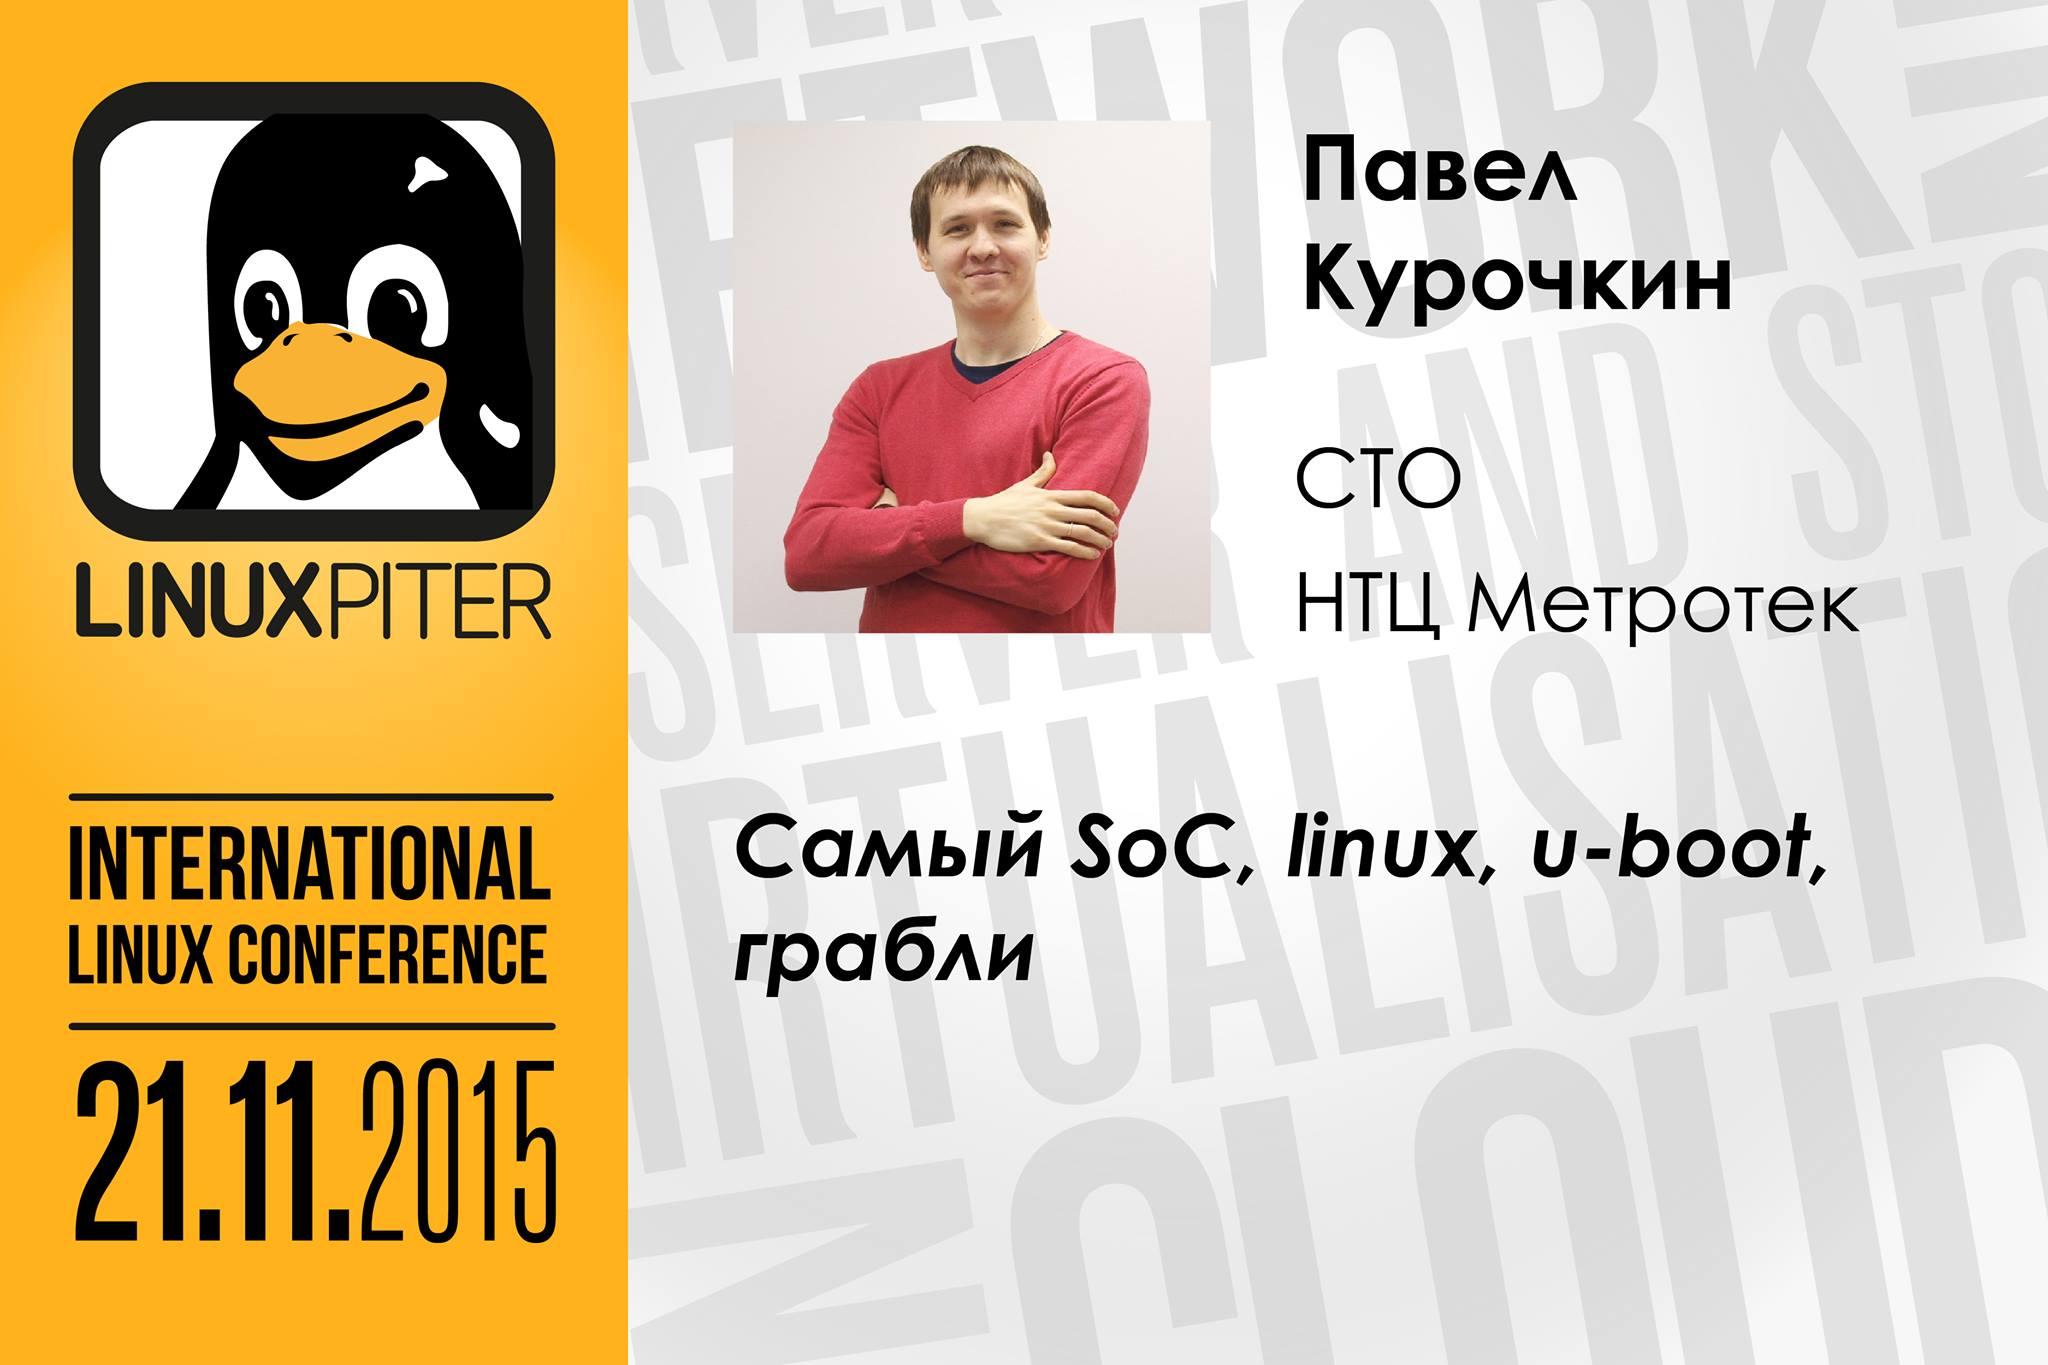 LinuxPiter